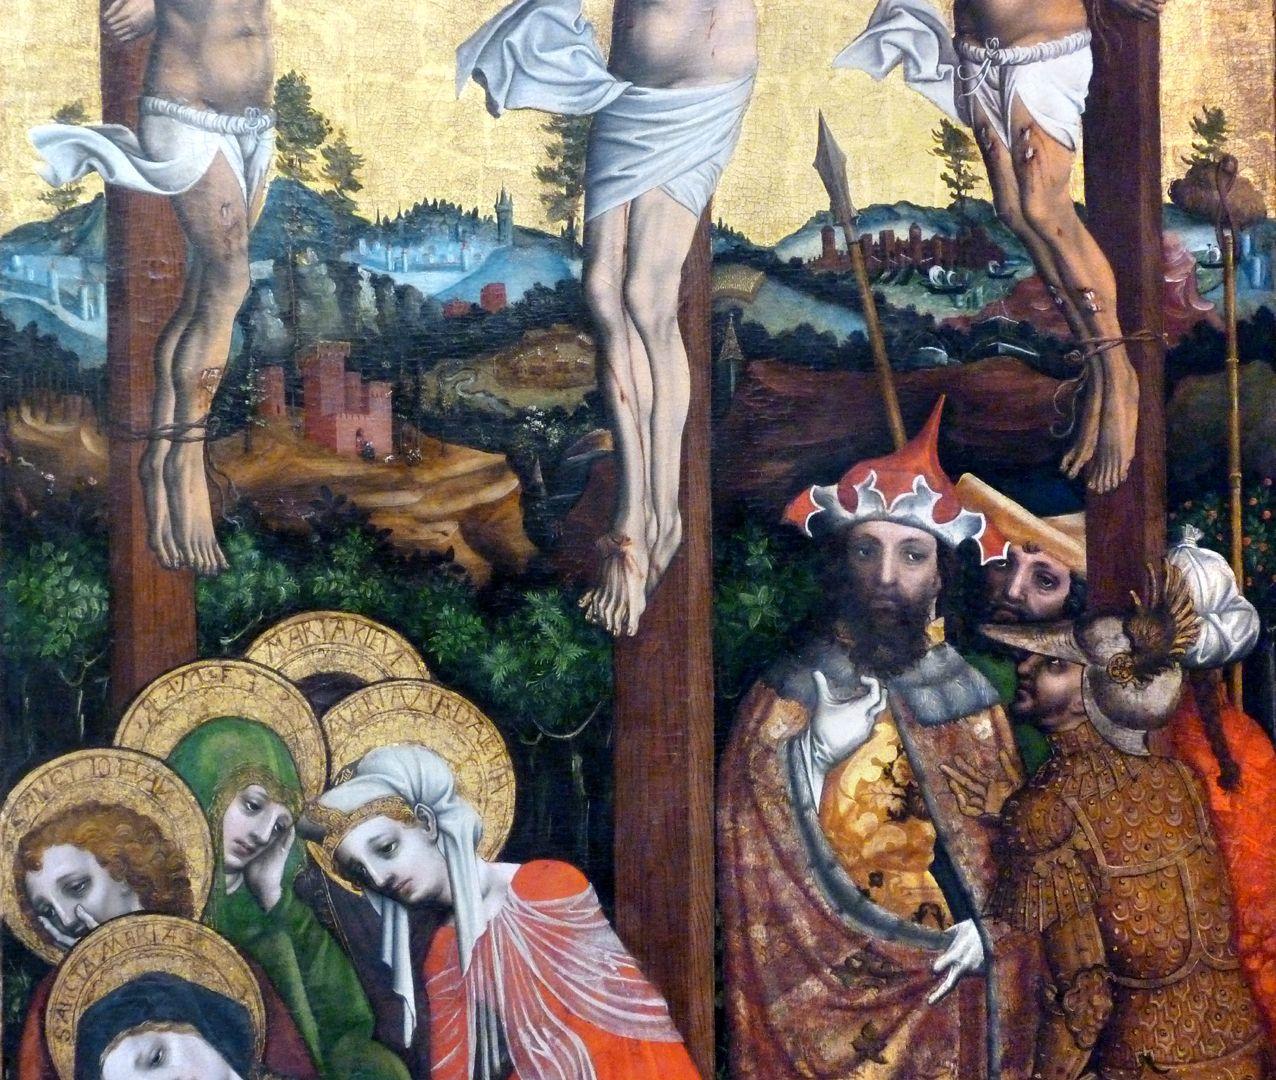 Passionsaltar der Johanniskirche Mitteltafel, Mittelbereich mit Männer- und Frauengruppe